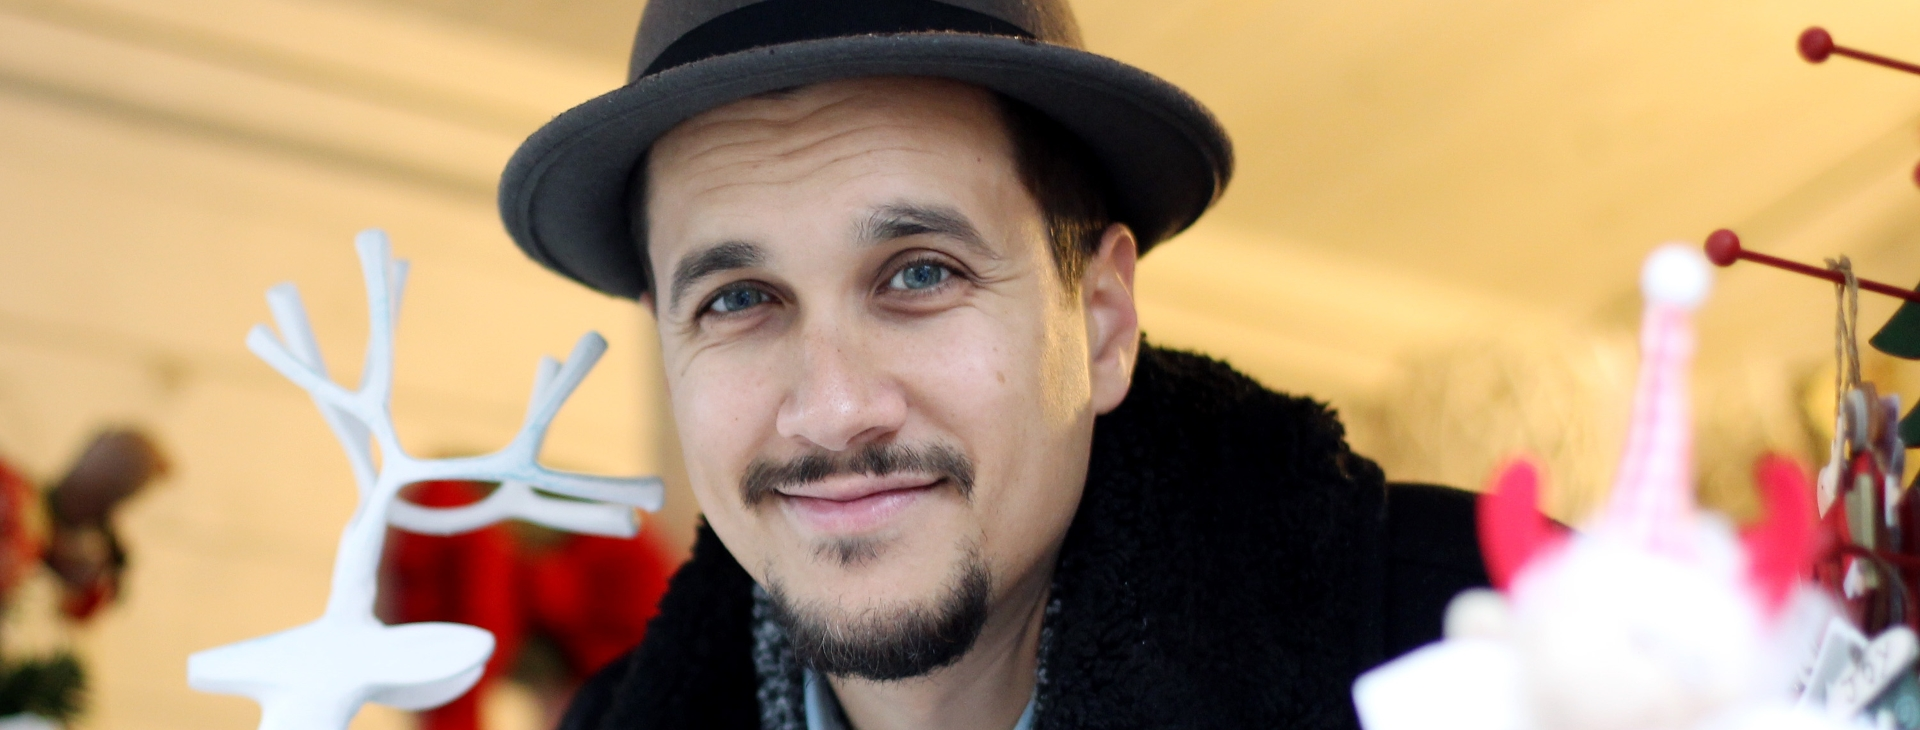 KRATKI ODMOR Marko Tolja posjetio Pariz, pred njim je koncert karijere u KD Lisinski